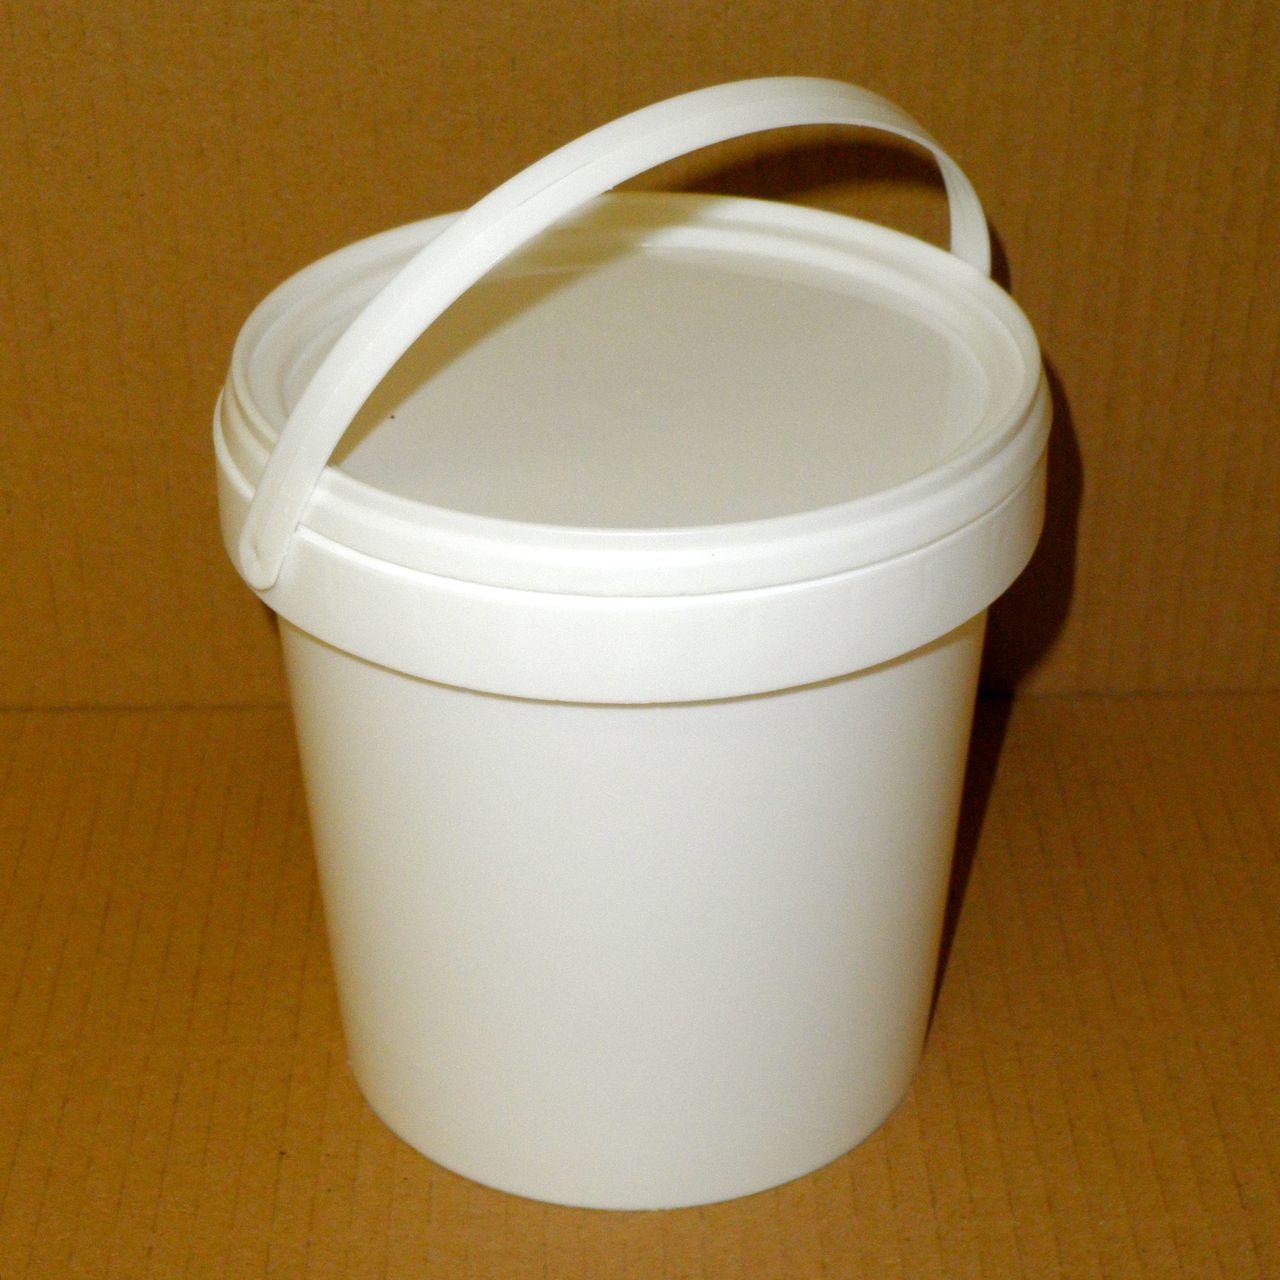 Crock Pot Bucket Soup